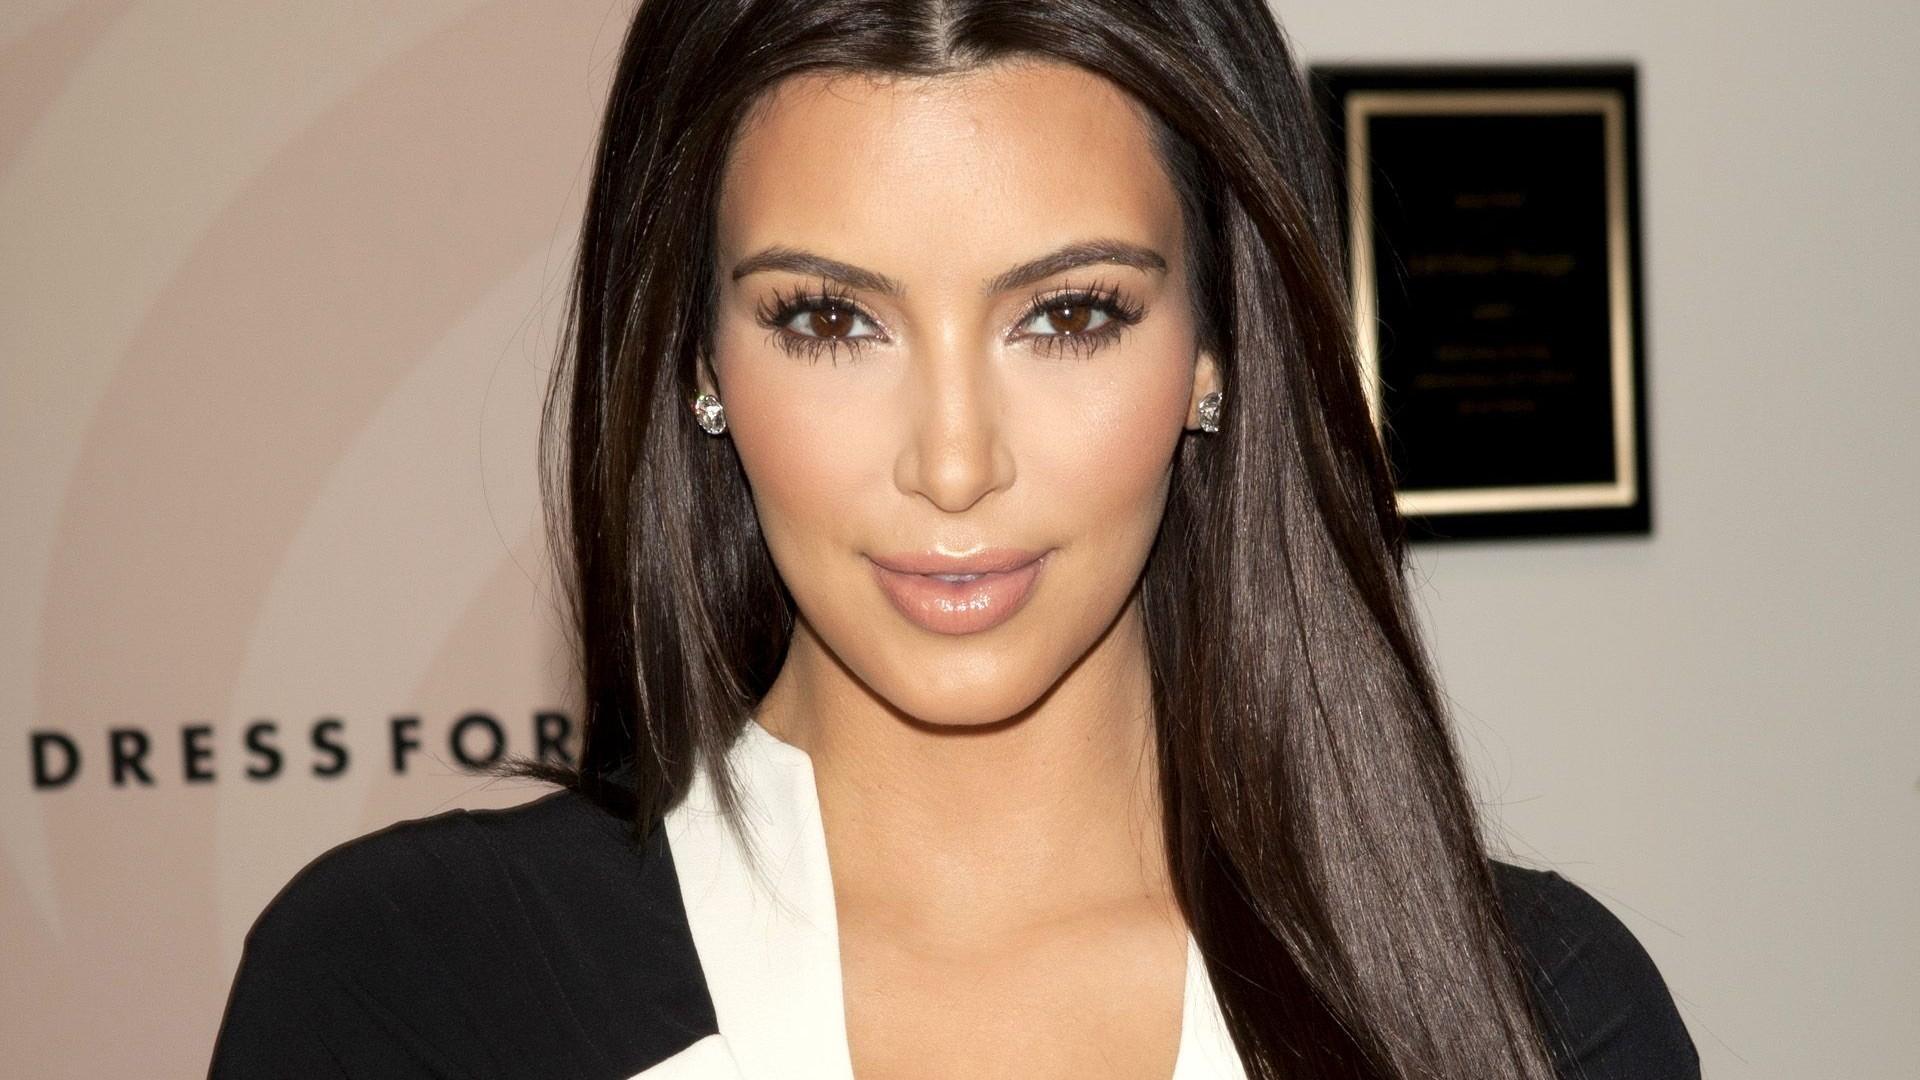 Папарацци все-таки удалось запечатлеть Ким Кардашьян без макияжа (ФОТО)